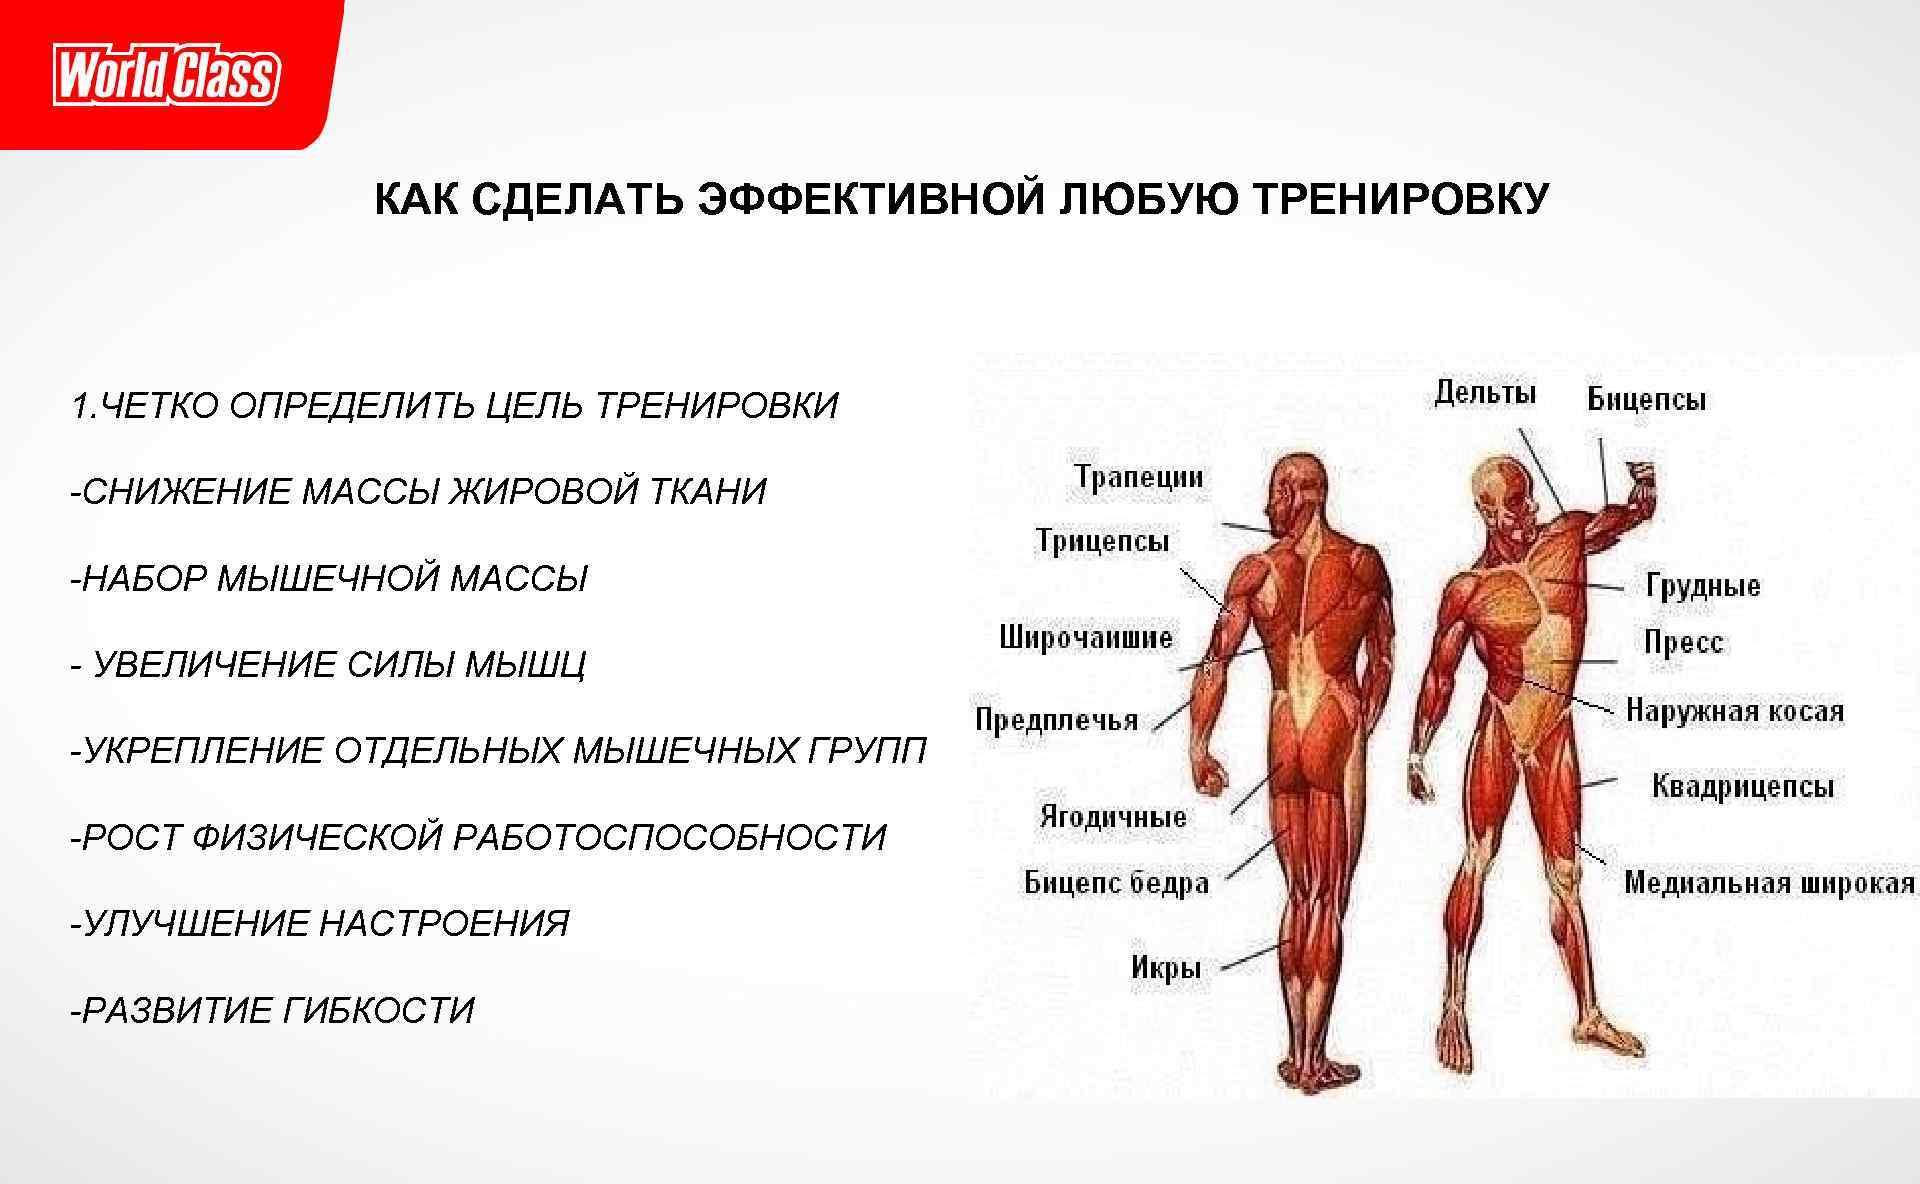 Почему люди не живут более 120 лет. влияние стволовых клеток на продолжительность жизни. | про старение